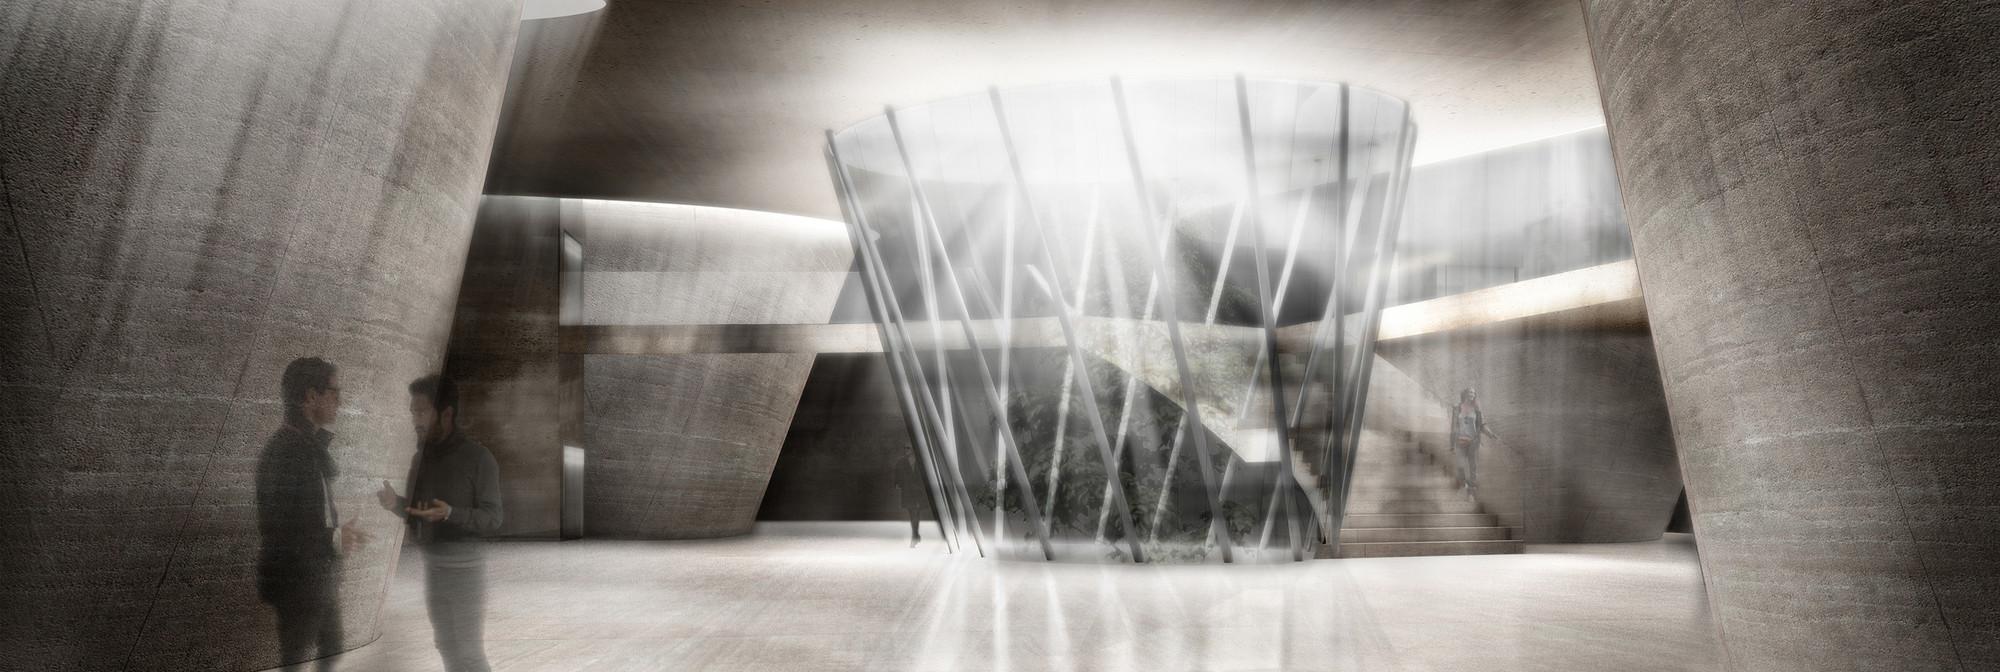 Mención Honrosa Concurso de Ideas Museo Mario Toral